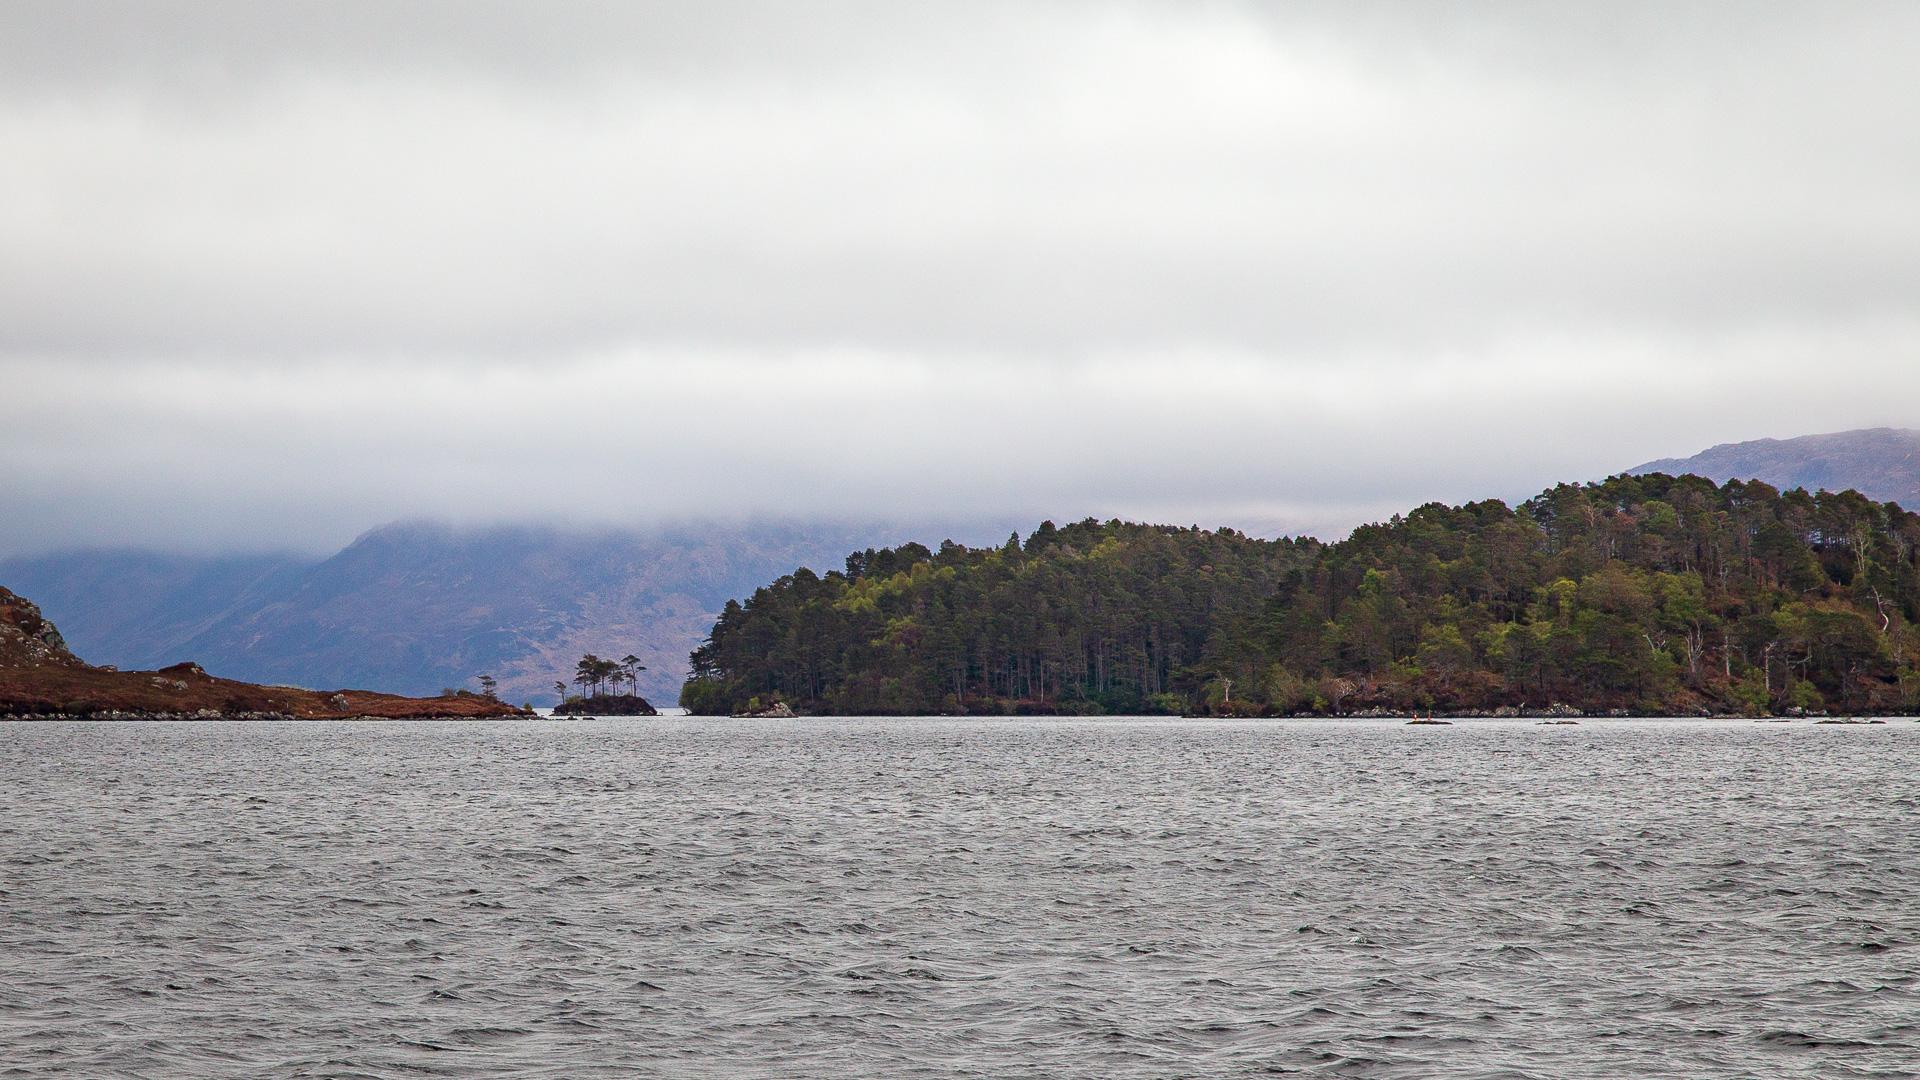 Blick auf das Loch Morar mit seinen Inseln